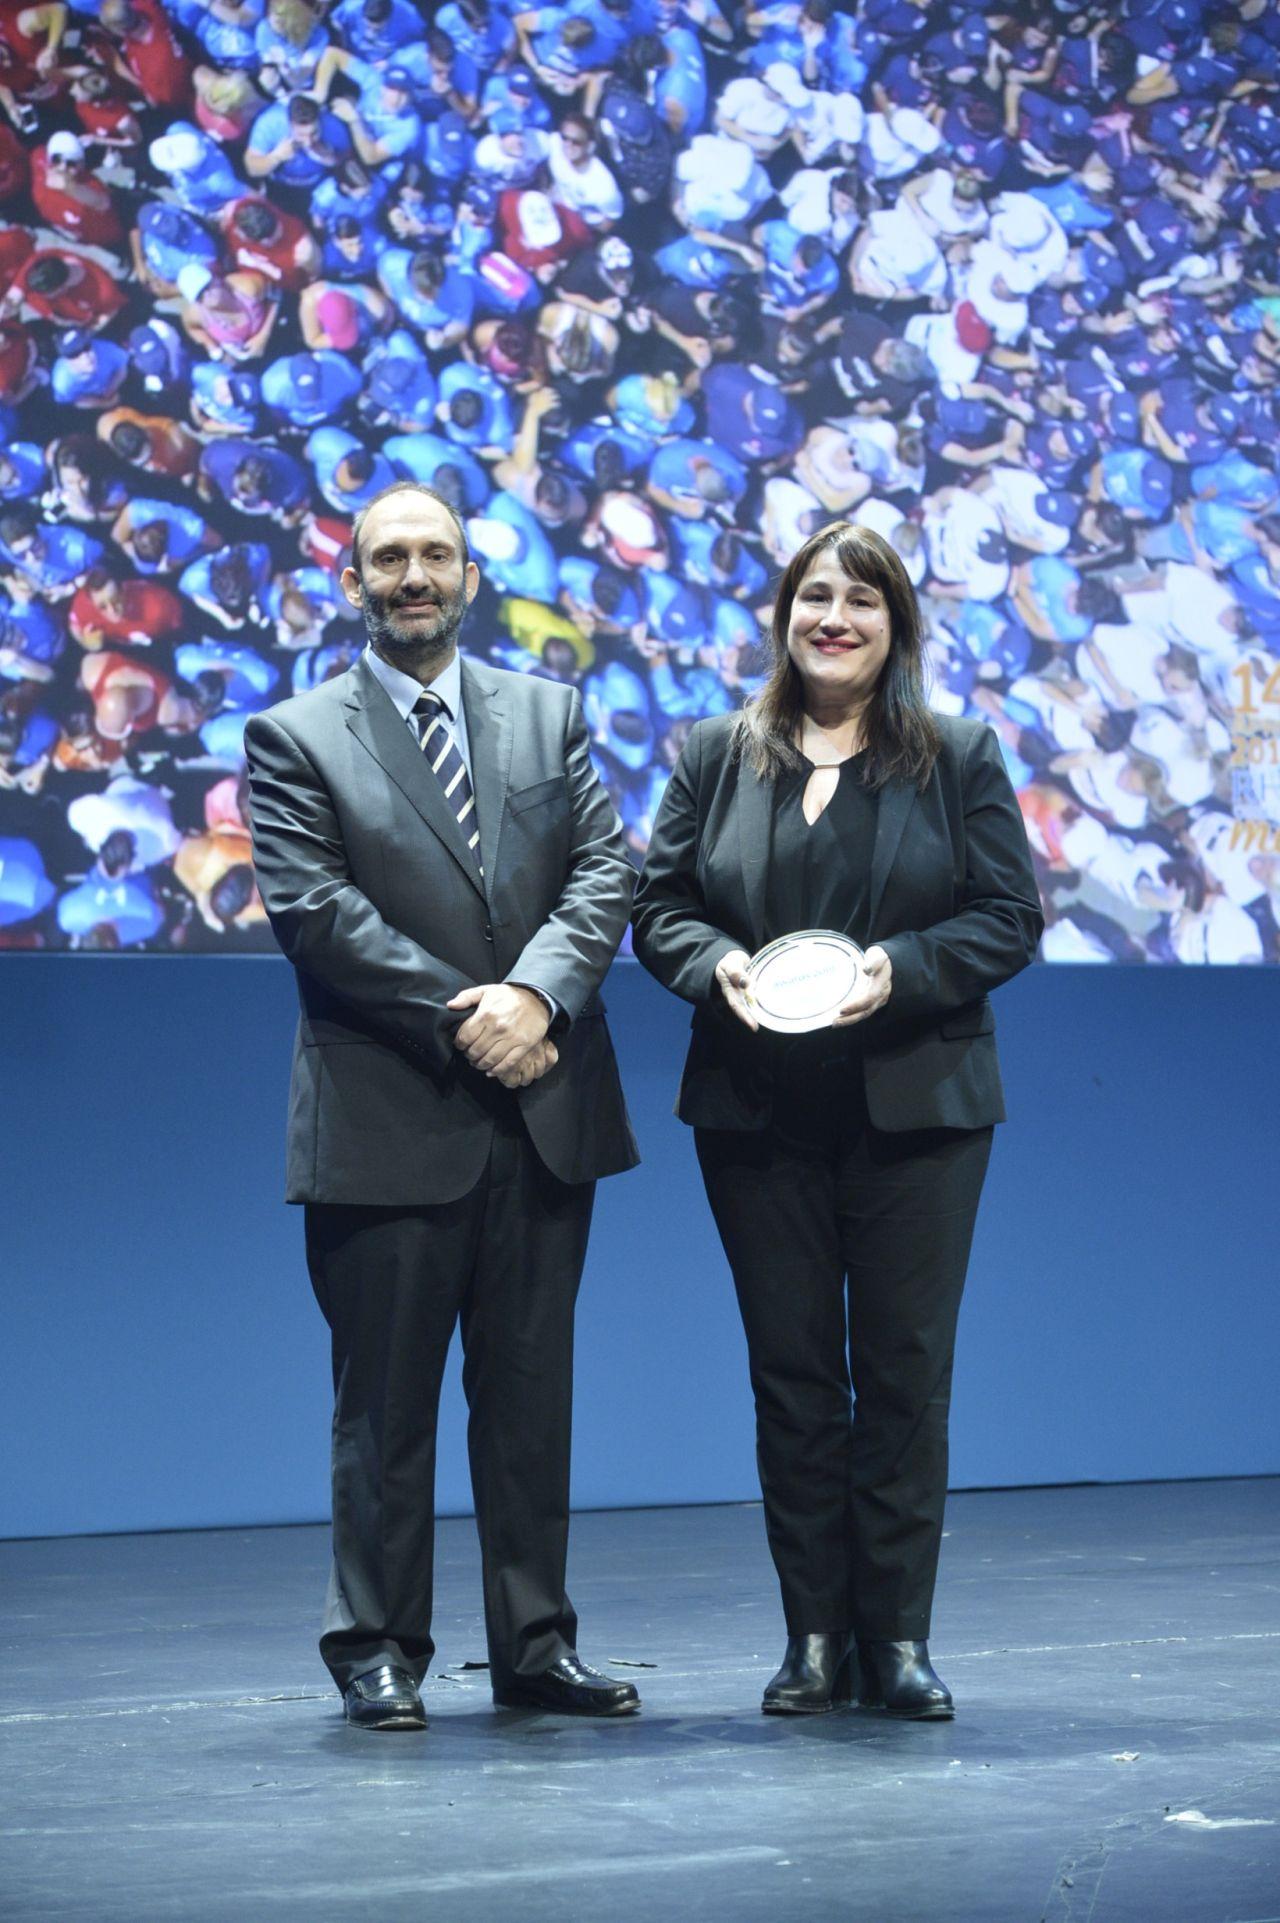 H Πρόεδρος της Οργανωτικής Επιτροπής και Αντιπεριφερειάρχης Πολιτισμού, Αθλητισμού και Παιδείας Νοτίου Αιγαίου, κ. Μαριέτα Παπαβασιλείου παραλμβάνει το βραβείο από τον κ. Πάνο Παλαιολόγο, Πρόδερο & Ιδρυτή της HotelBrain.